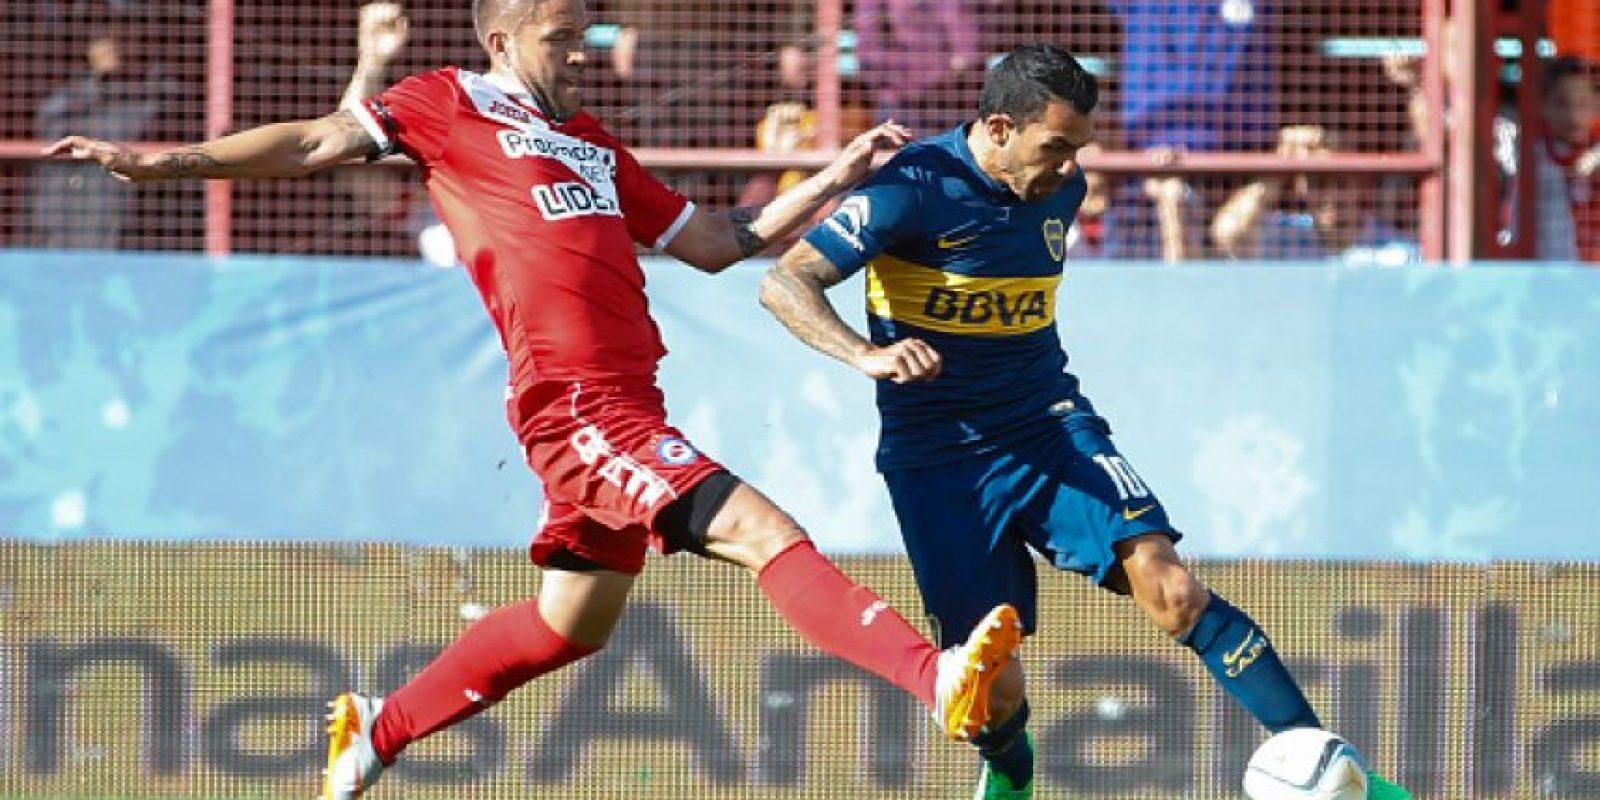 Carlos Tévez juega su primer torneo en Argentina tras su regreso a Boca Juniors. Foto:Getty Images